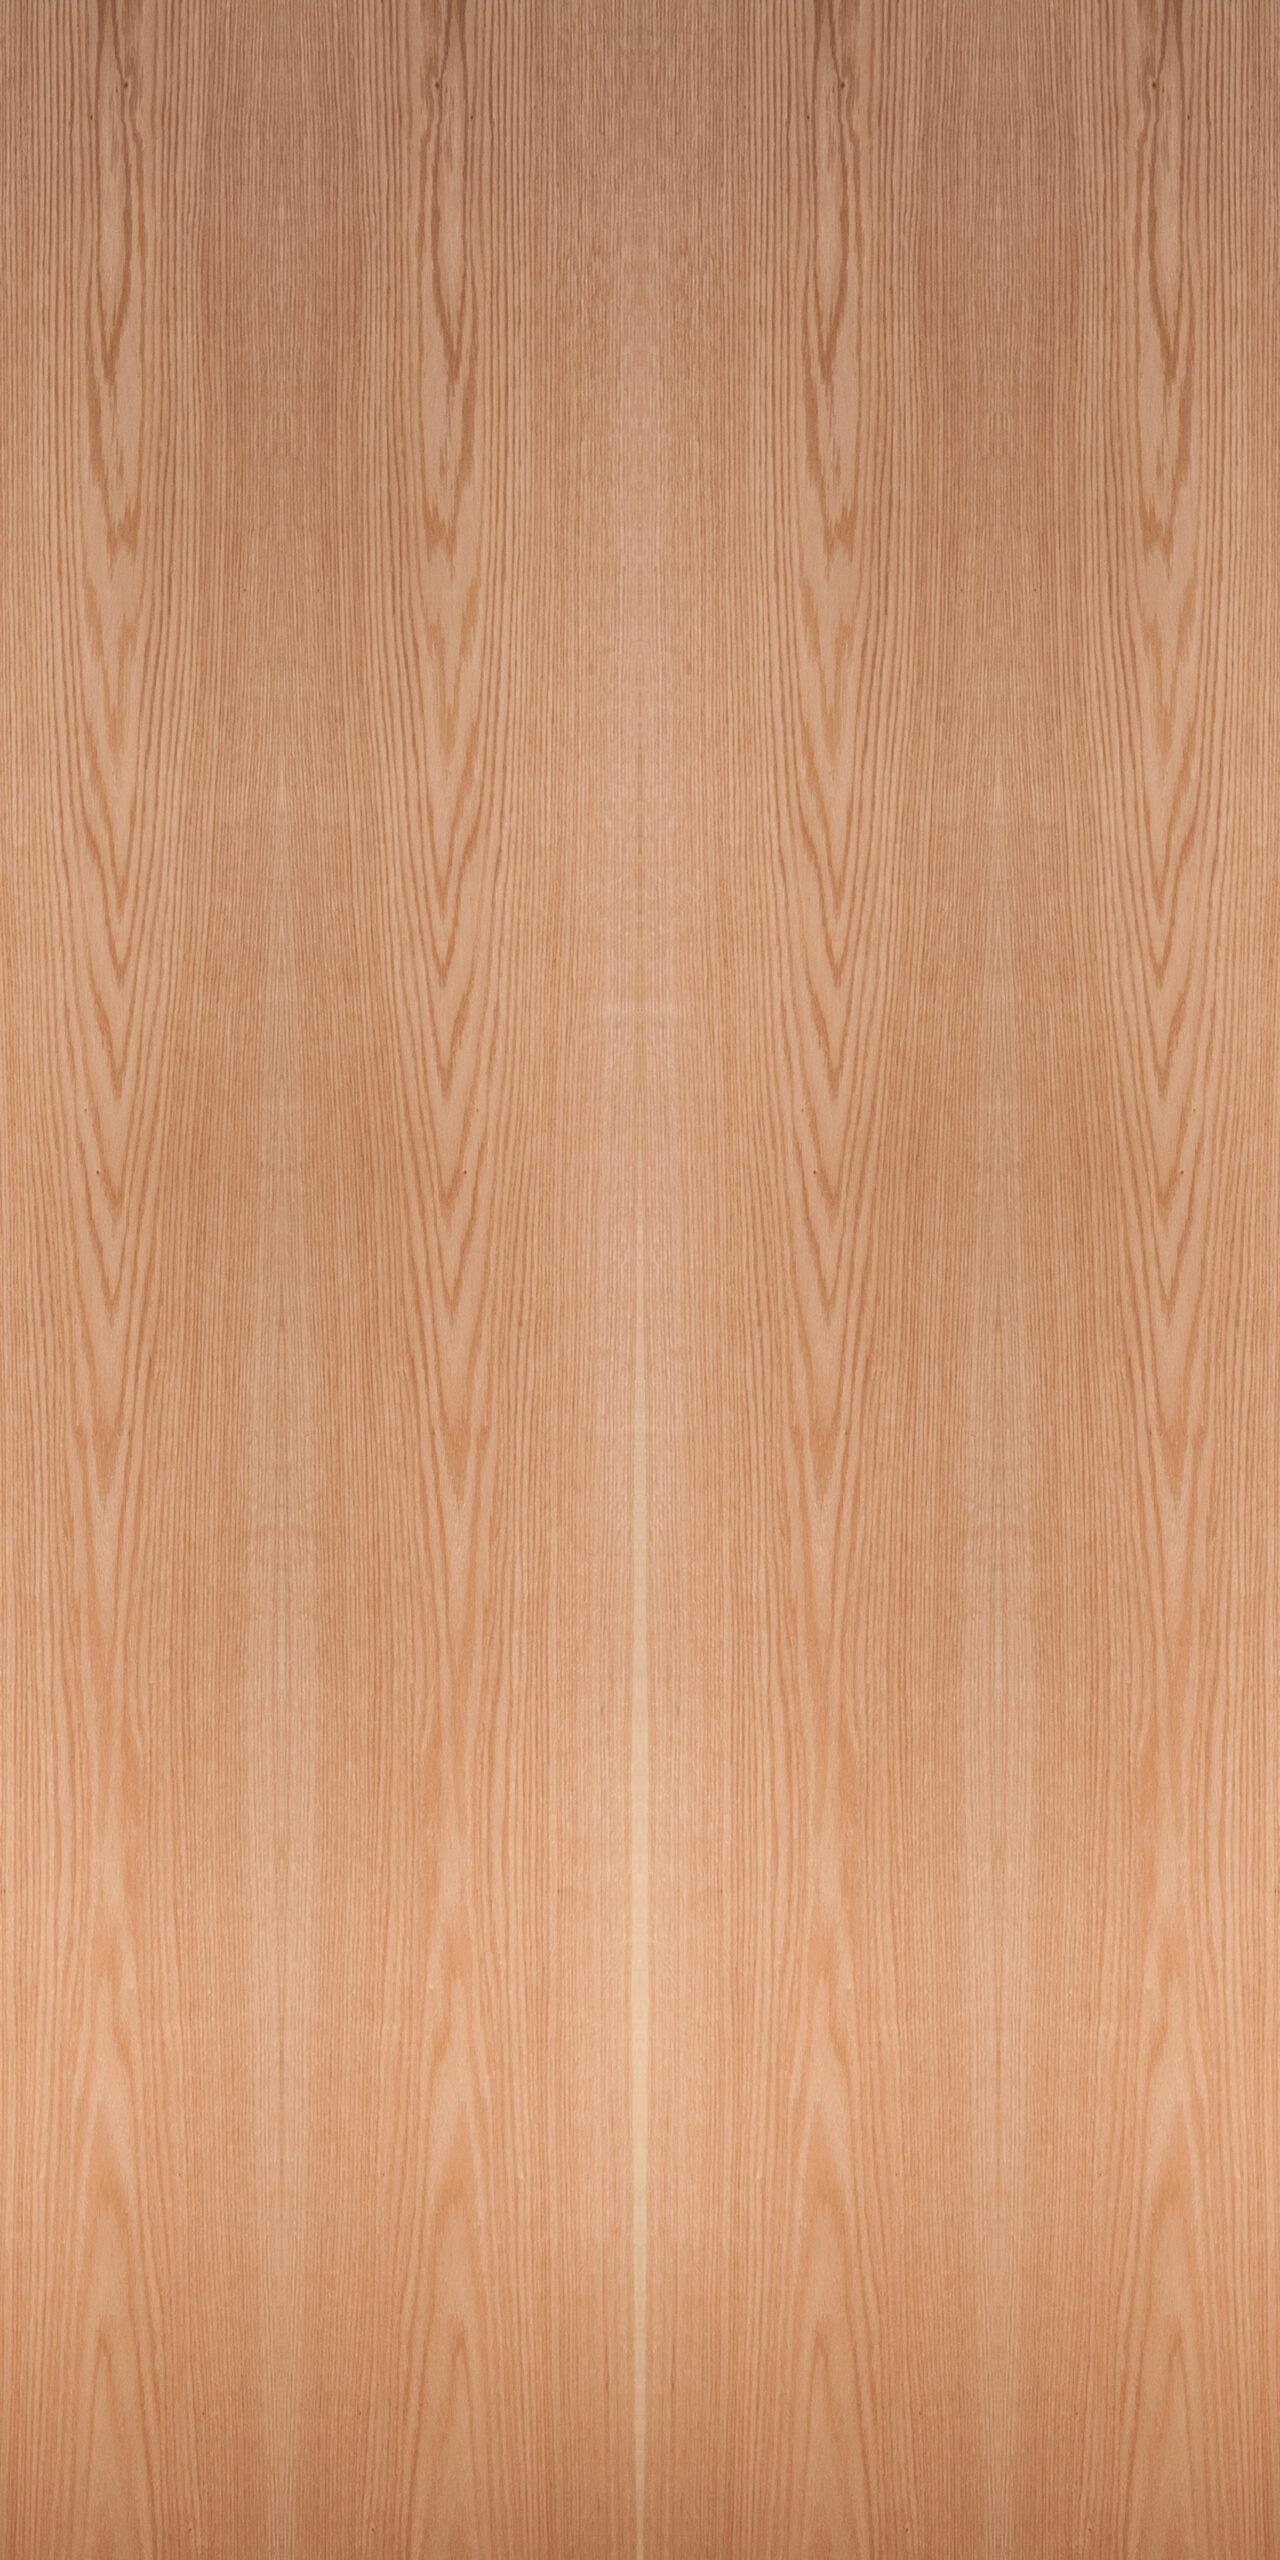 American Red Oak Crown Cut Natural Veneer Labos